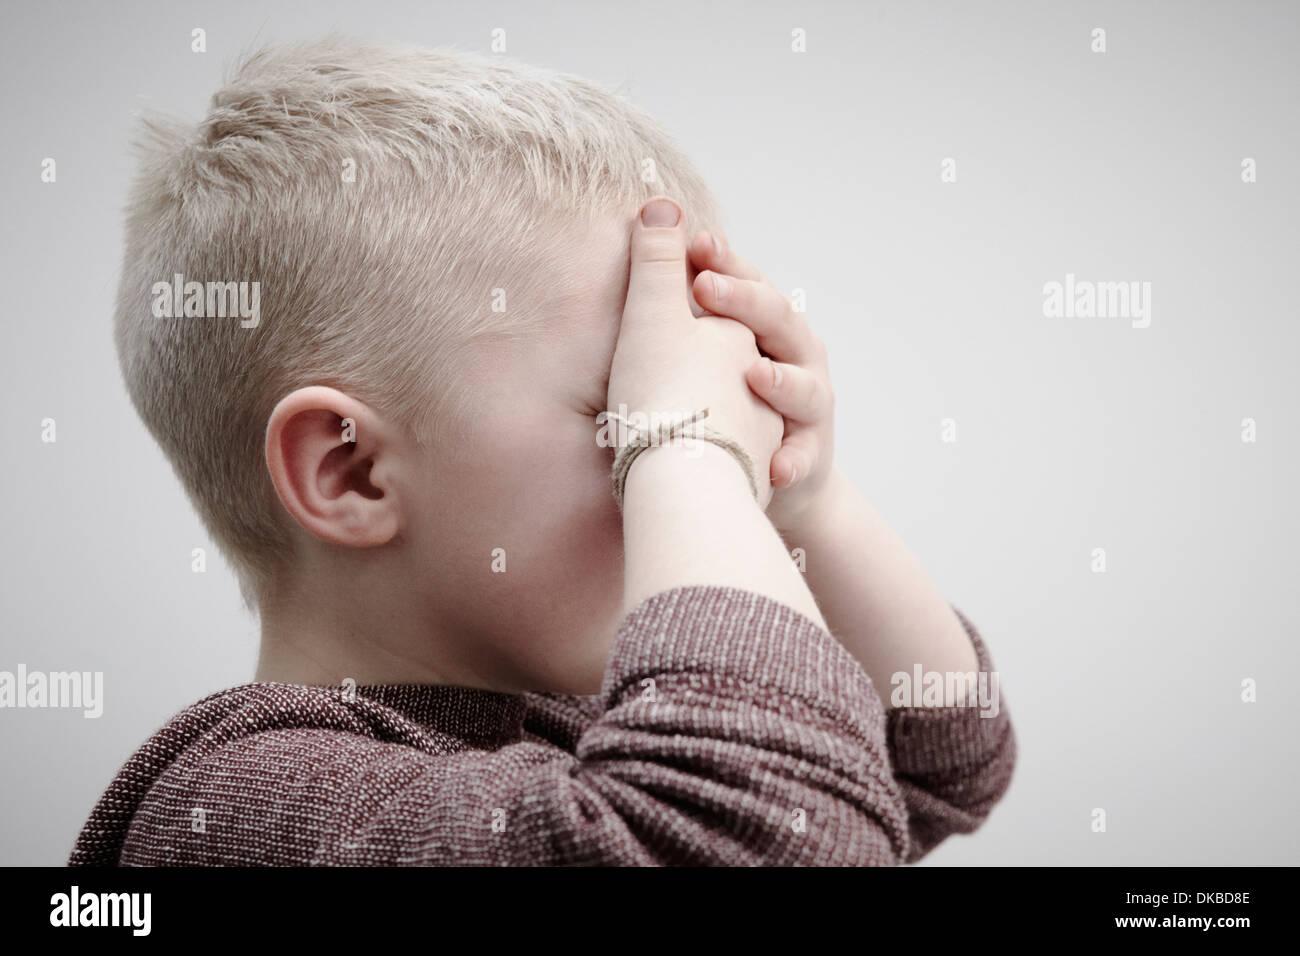 Retrato de niño usando brown puente, cubriendo la cara con las manos Imagen De Stock